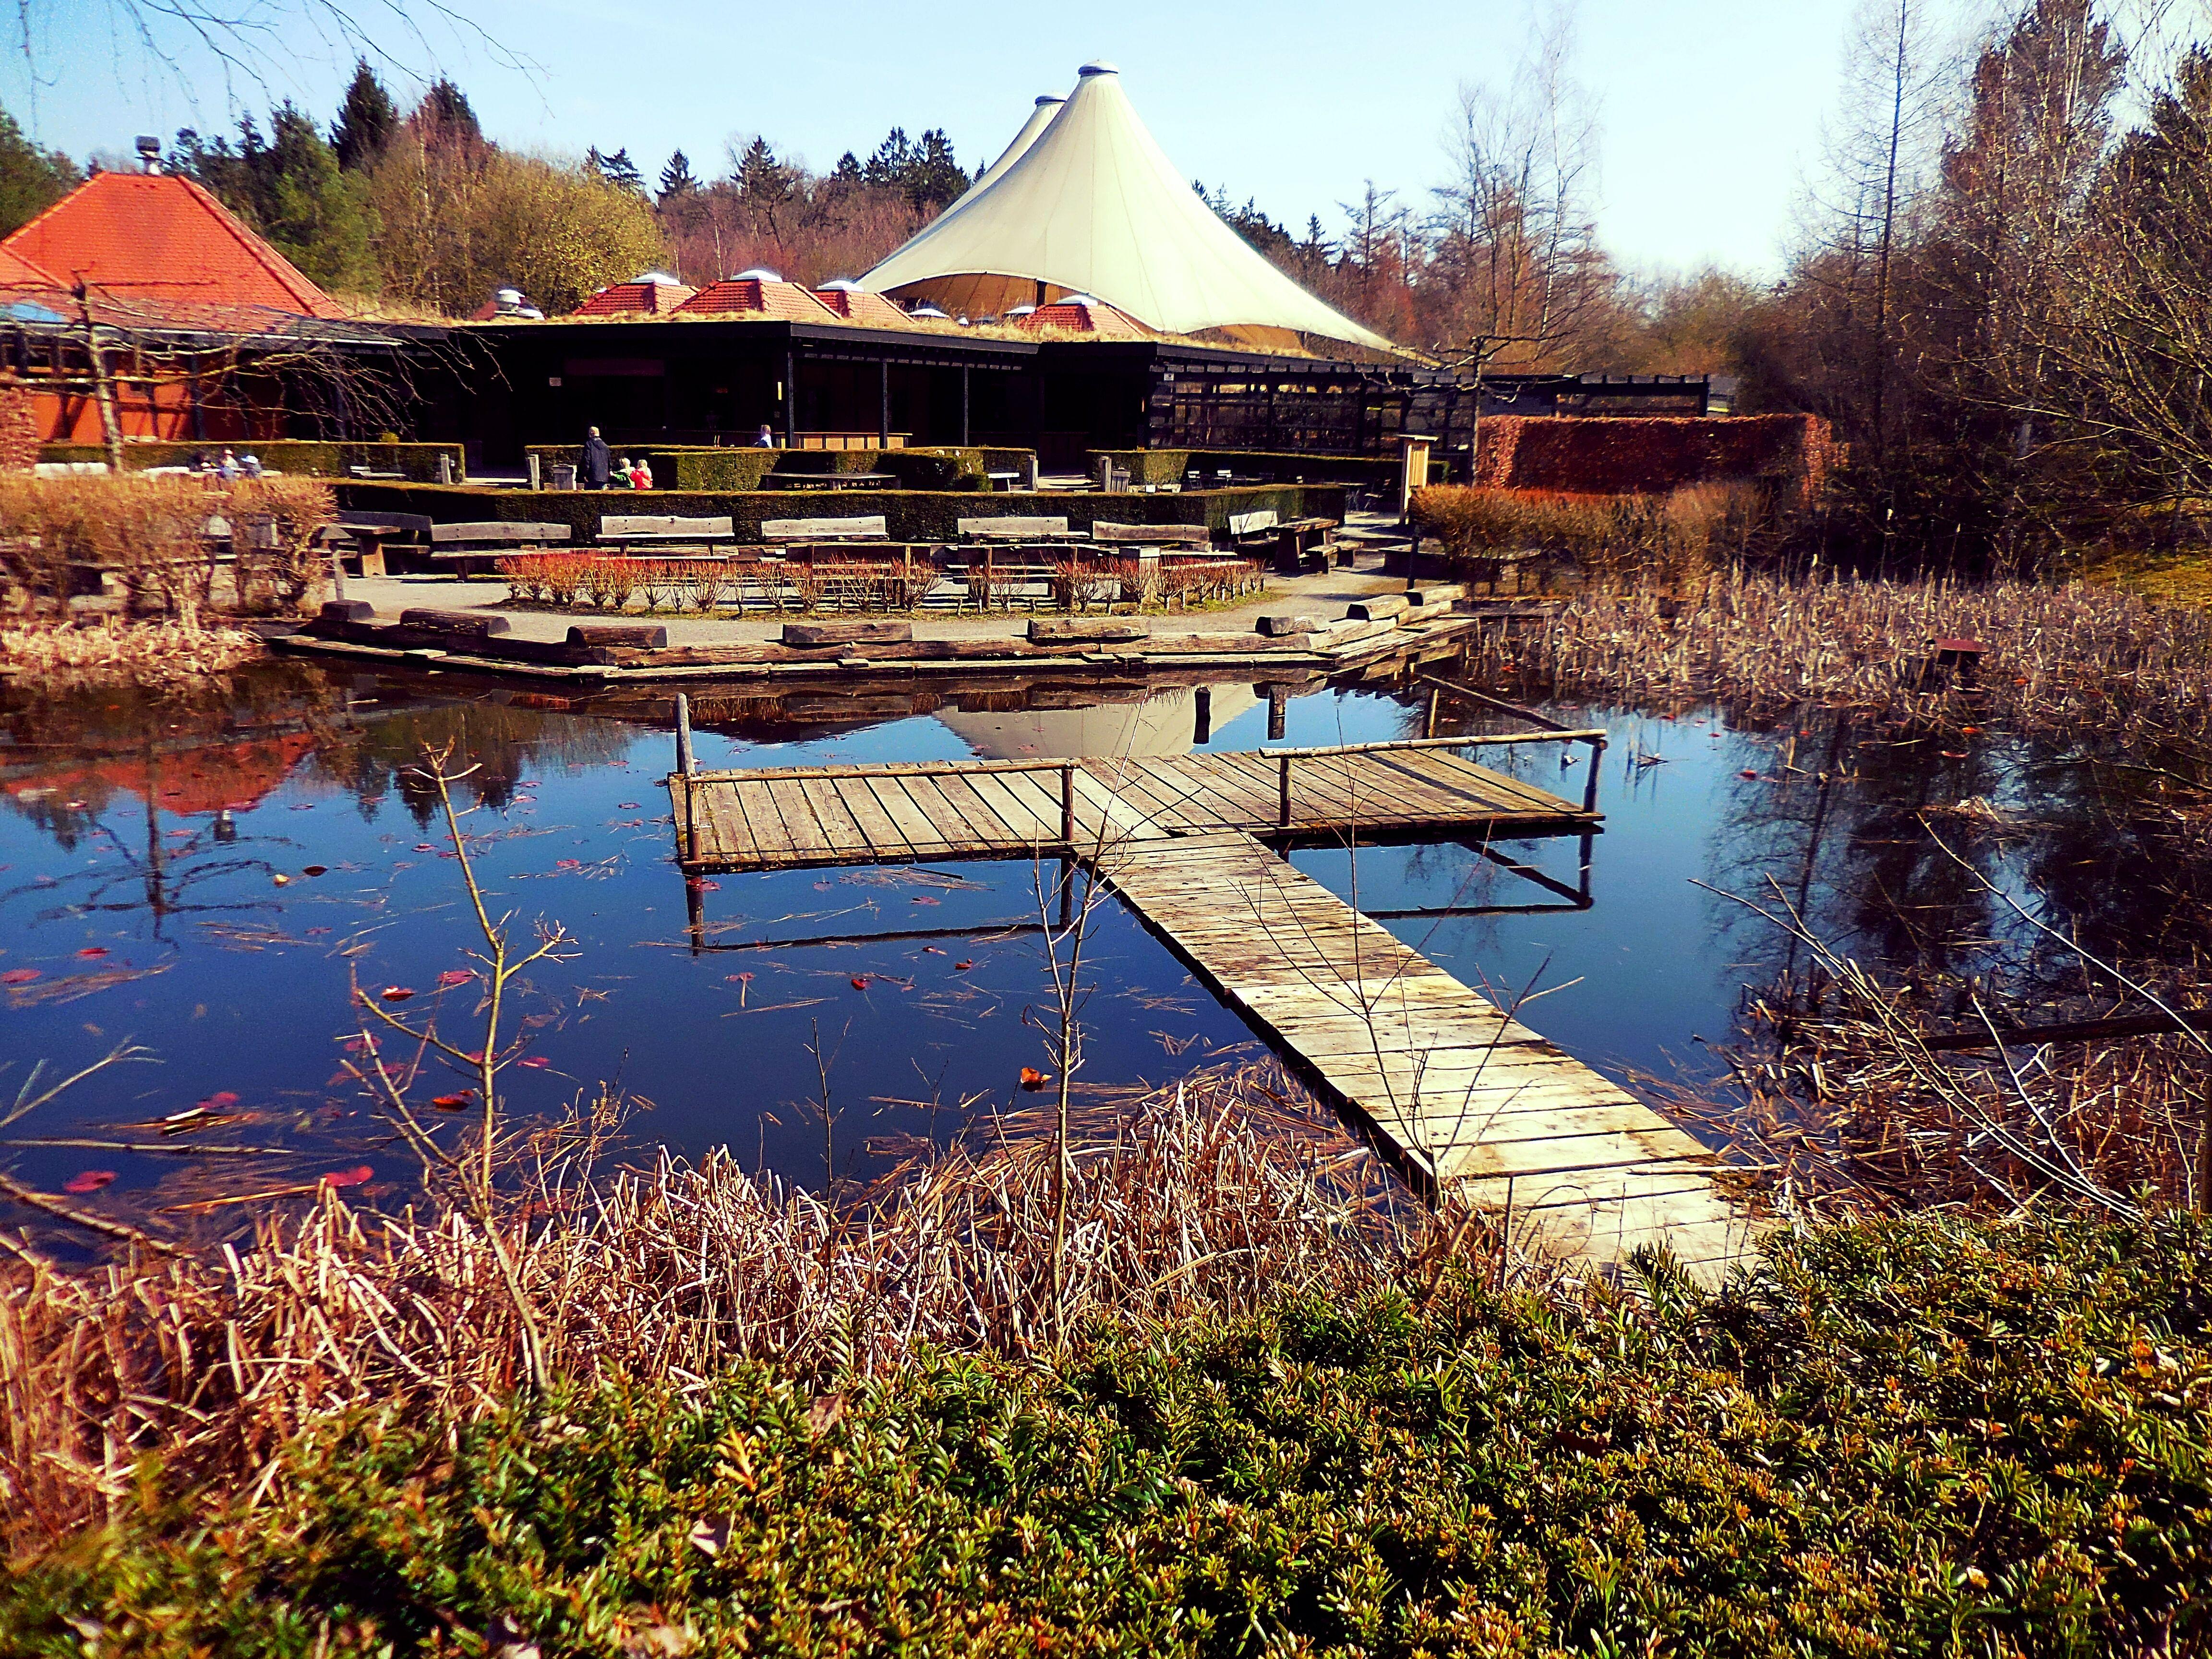 Ferienwohnung Travel Reisen Entdecken Urlaub Sauerland Wickede Wildwald Vosswinkel Tierpark Wald Nrw Tiere Ferienwohnung Ferienhaus Style At Home